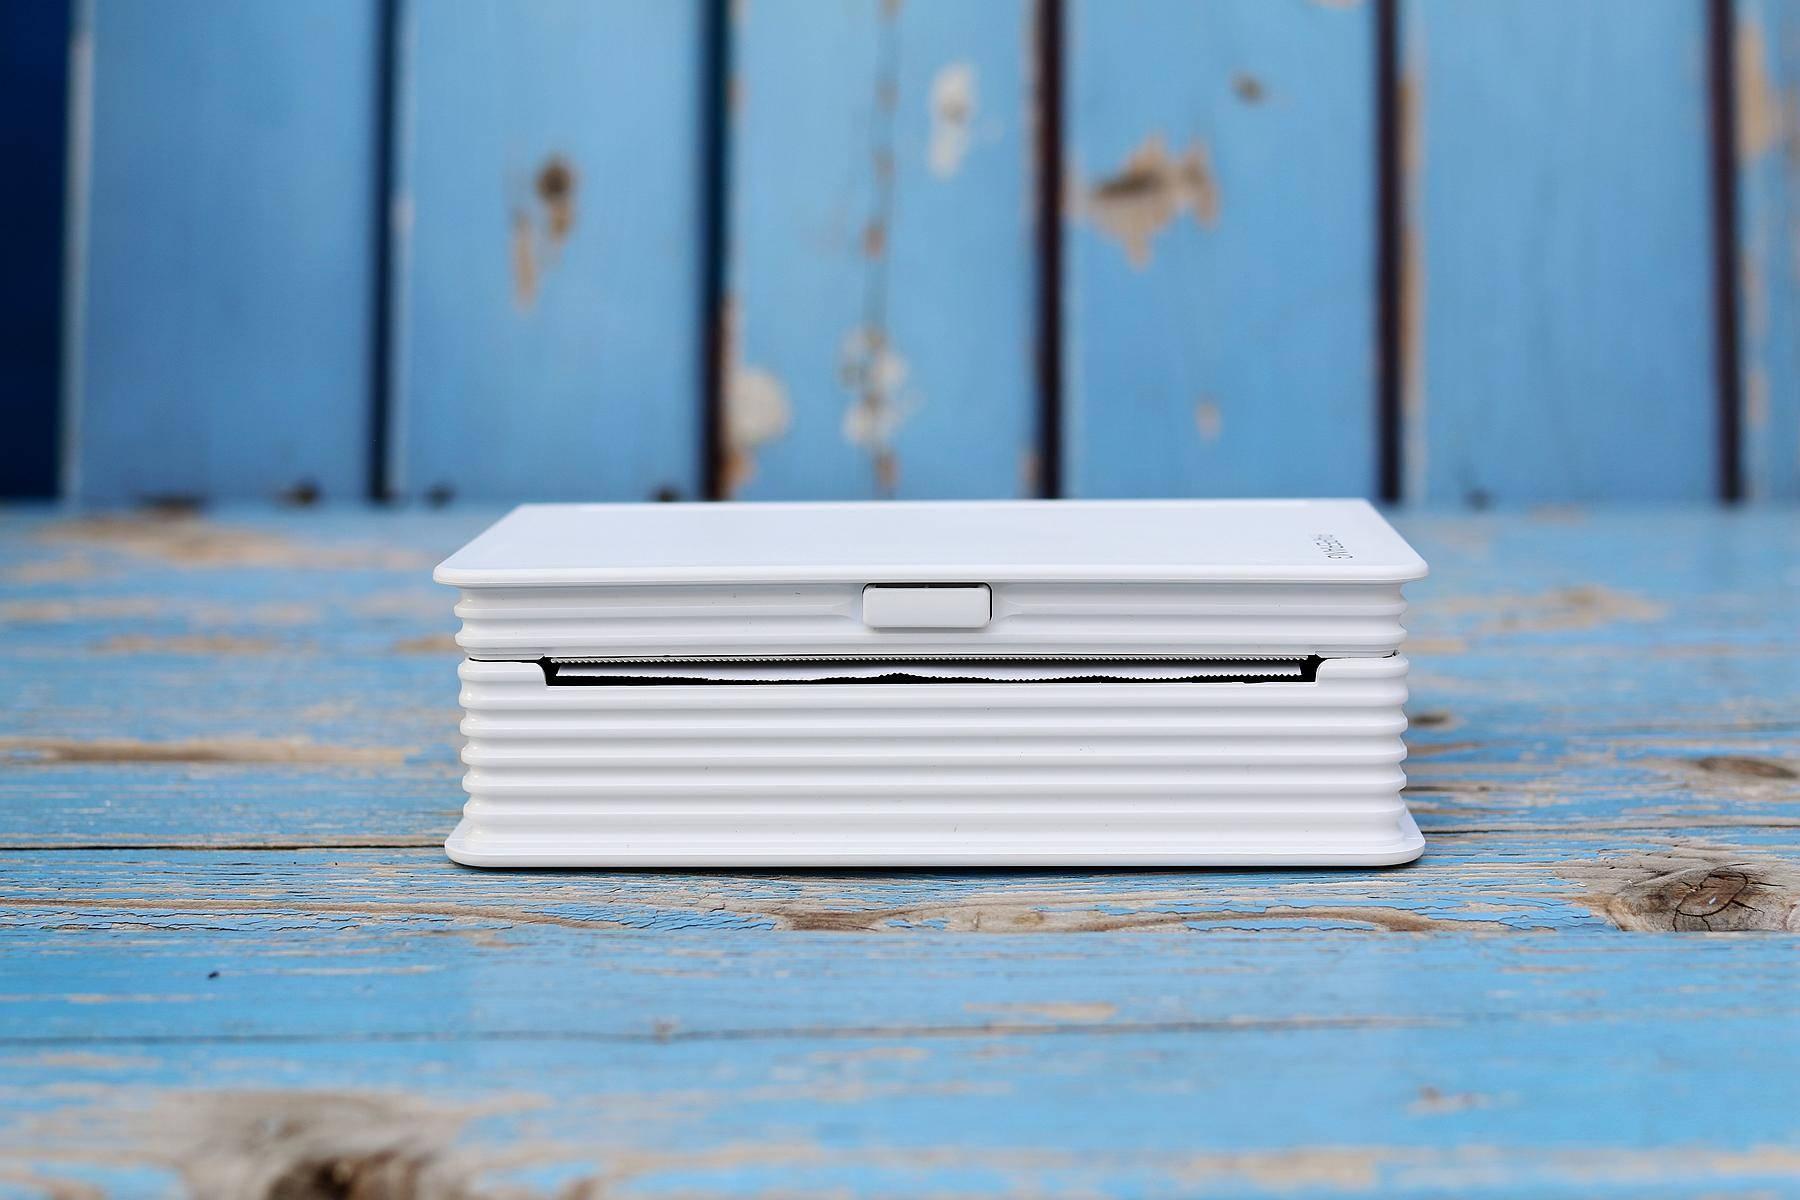 喵喵机C1便携打印机,让生活、学习更轻松